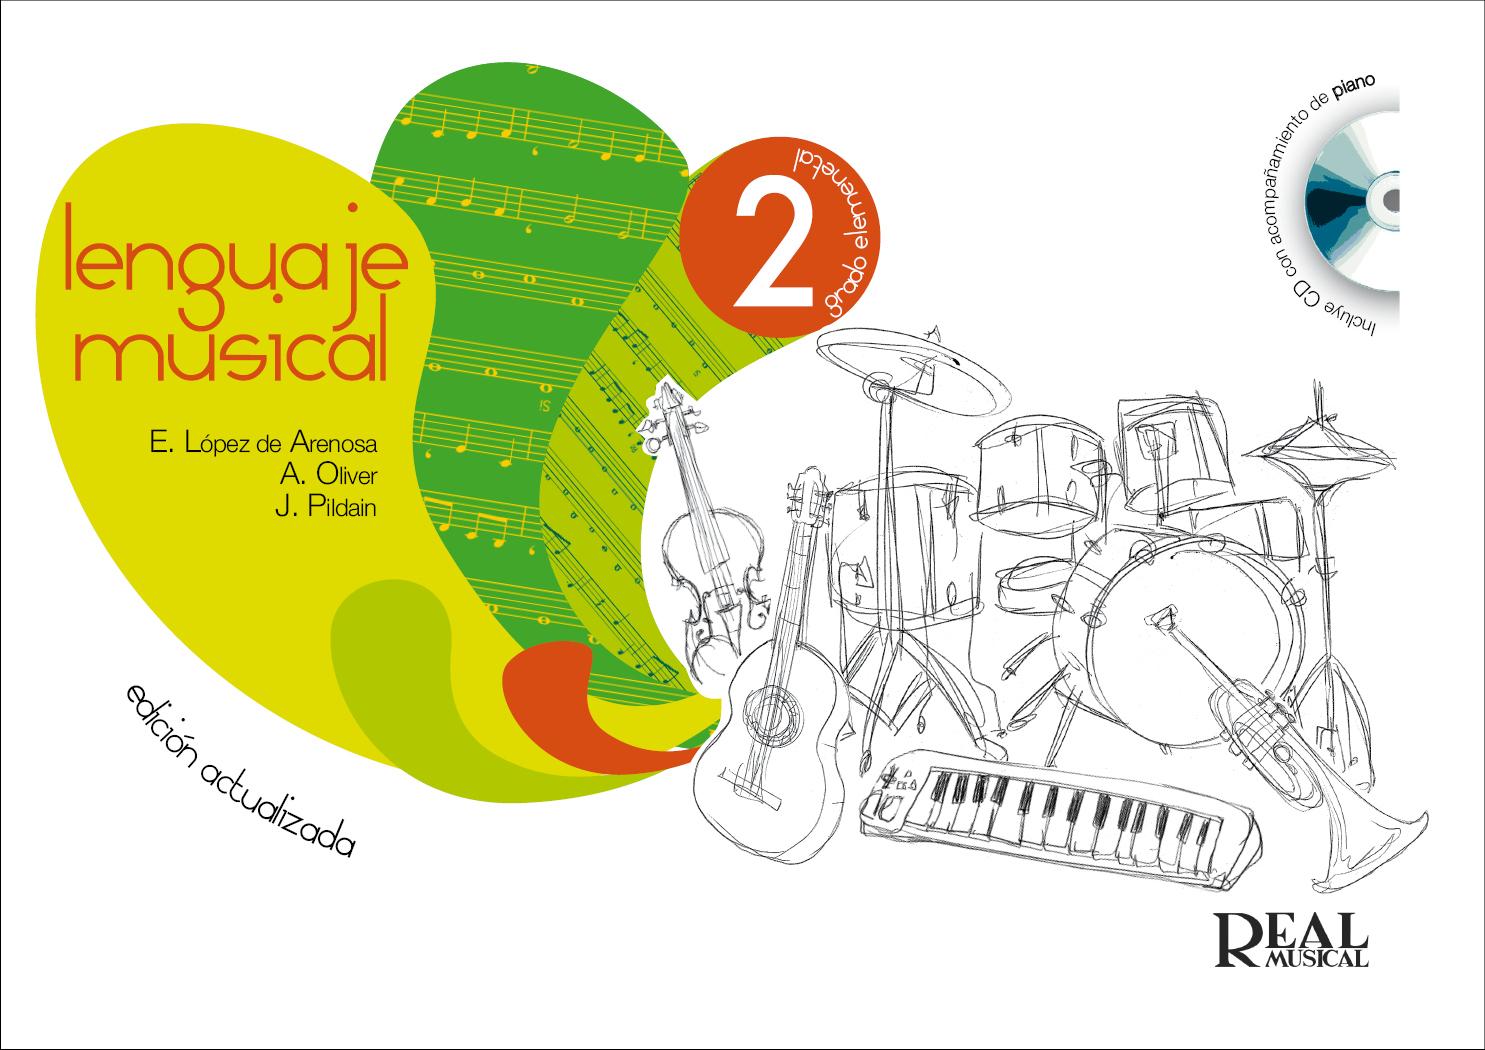 Ángel Oliver Encarnación Arenosa [López de]: Lenguaje Musical  Volumen 2: Theory